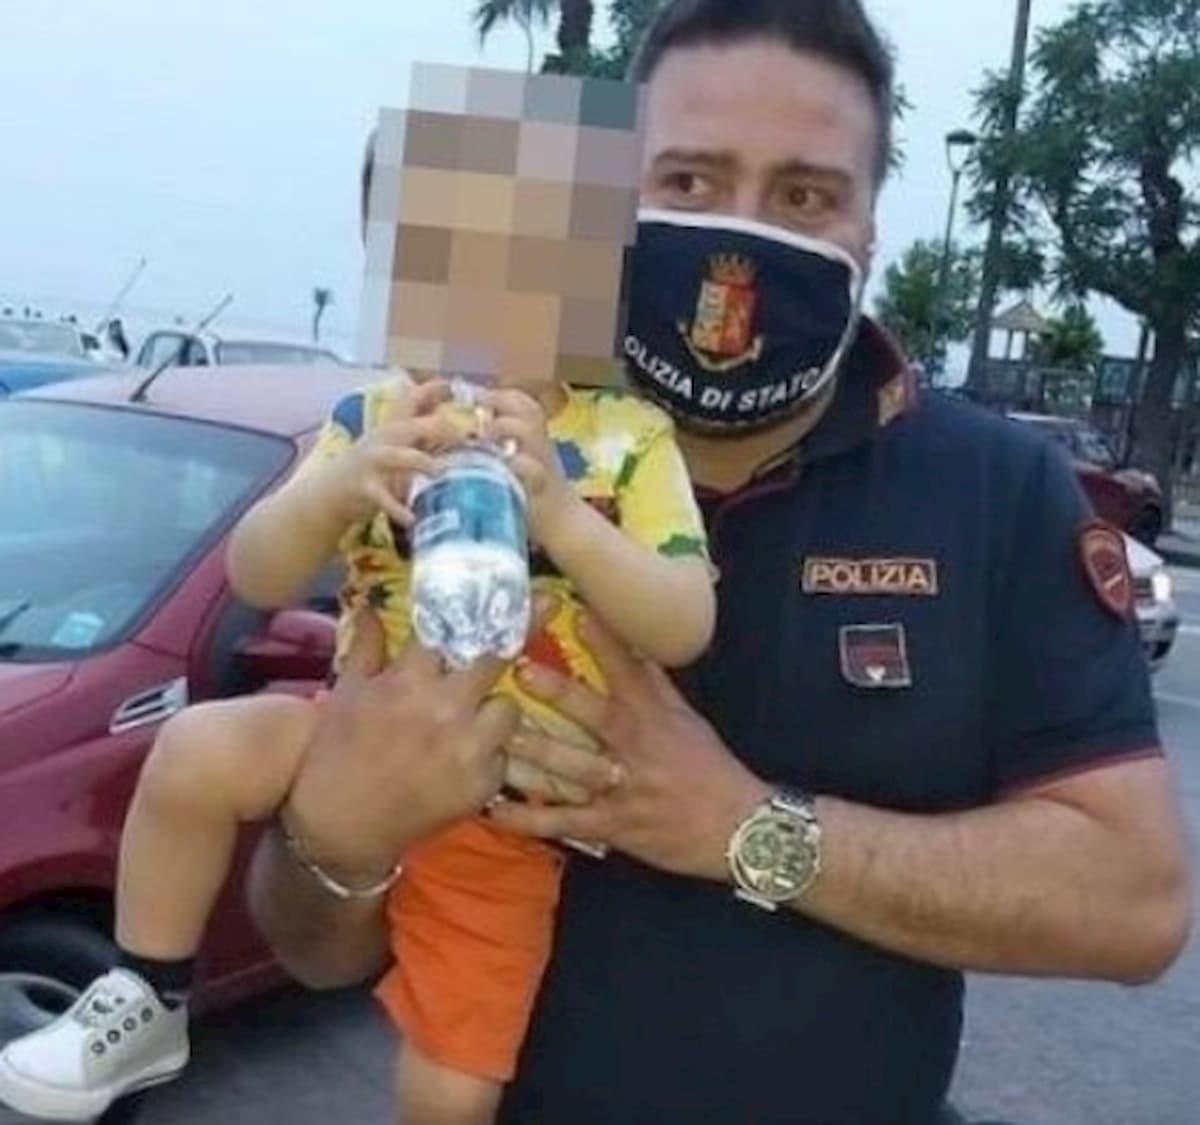 Torre Annunziata, bimbo di 2 anni salvato da poliziotti: stava soffocando con una patatina